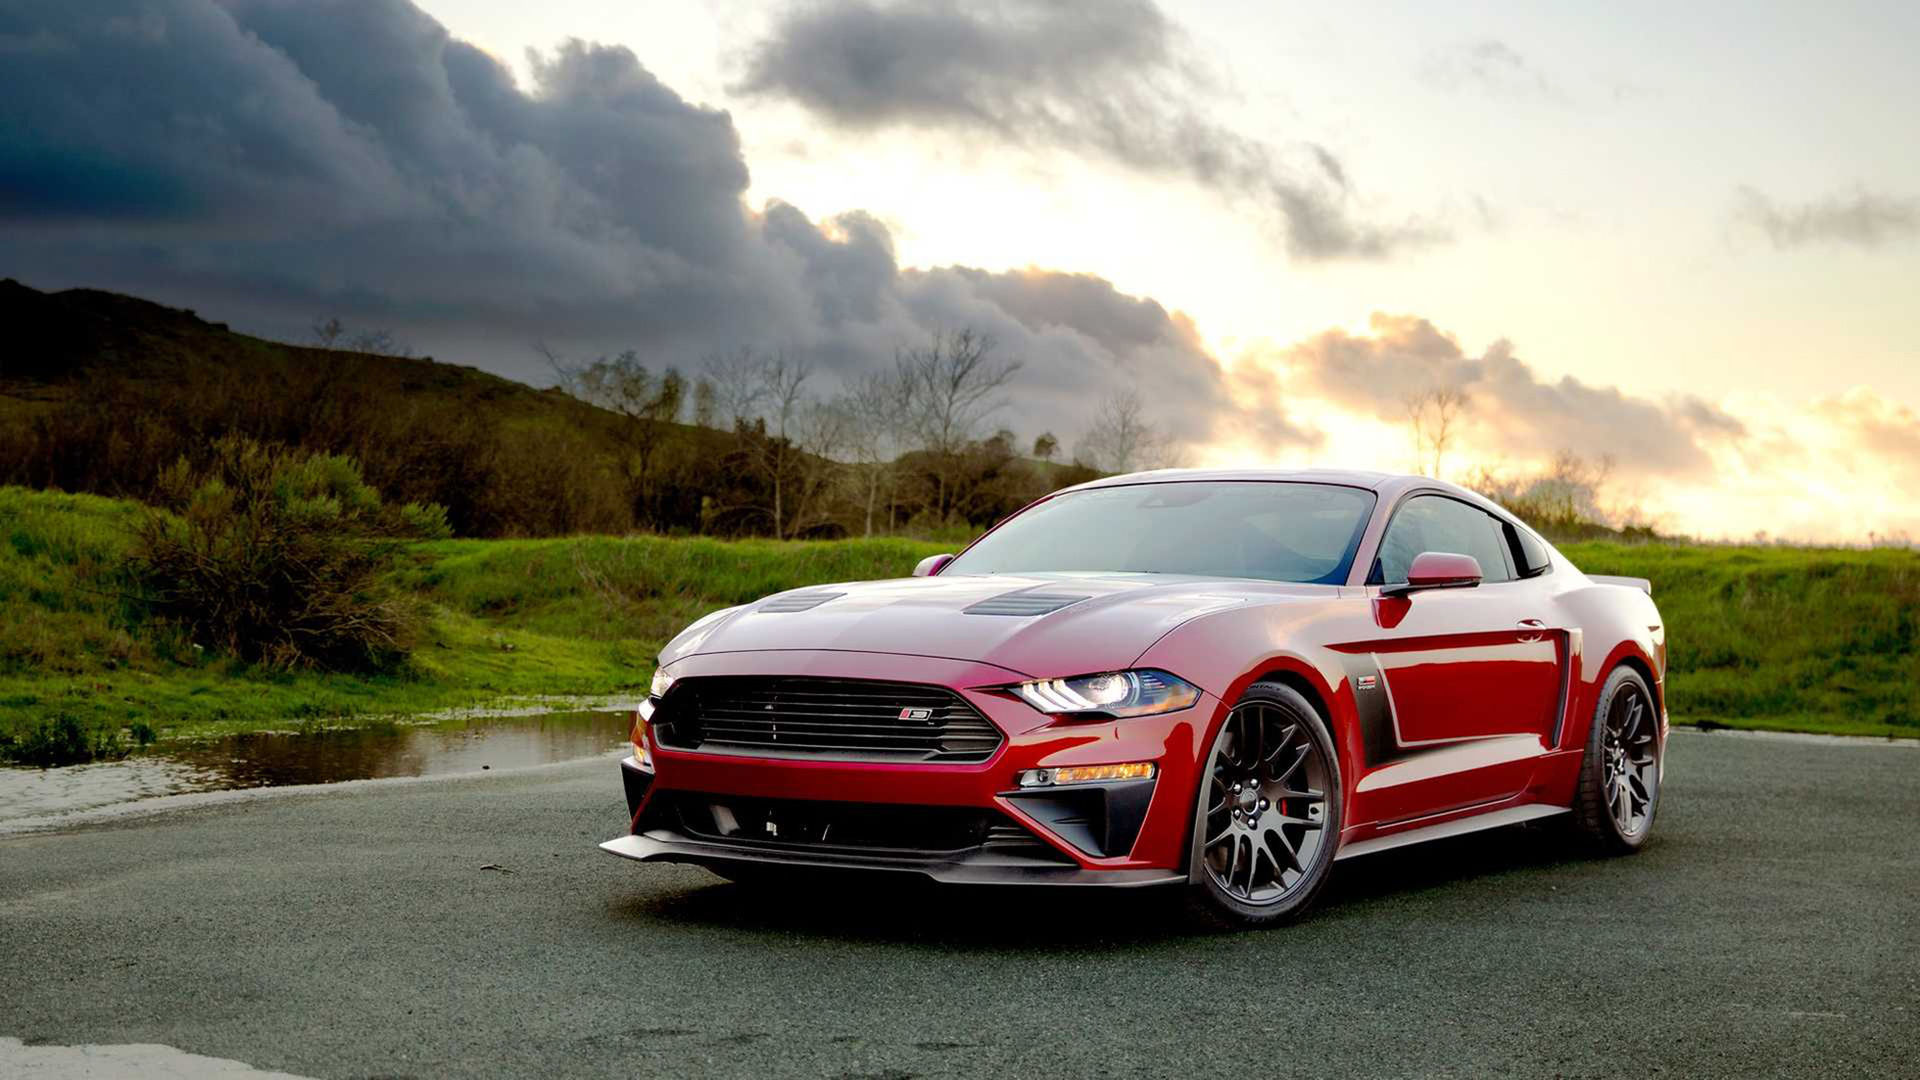 Roush pumpar upp Fords modeller Mustang och F-150